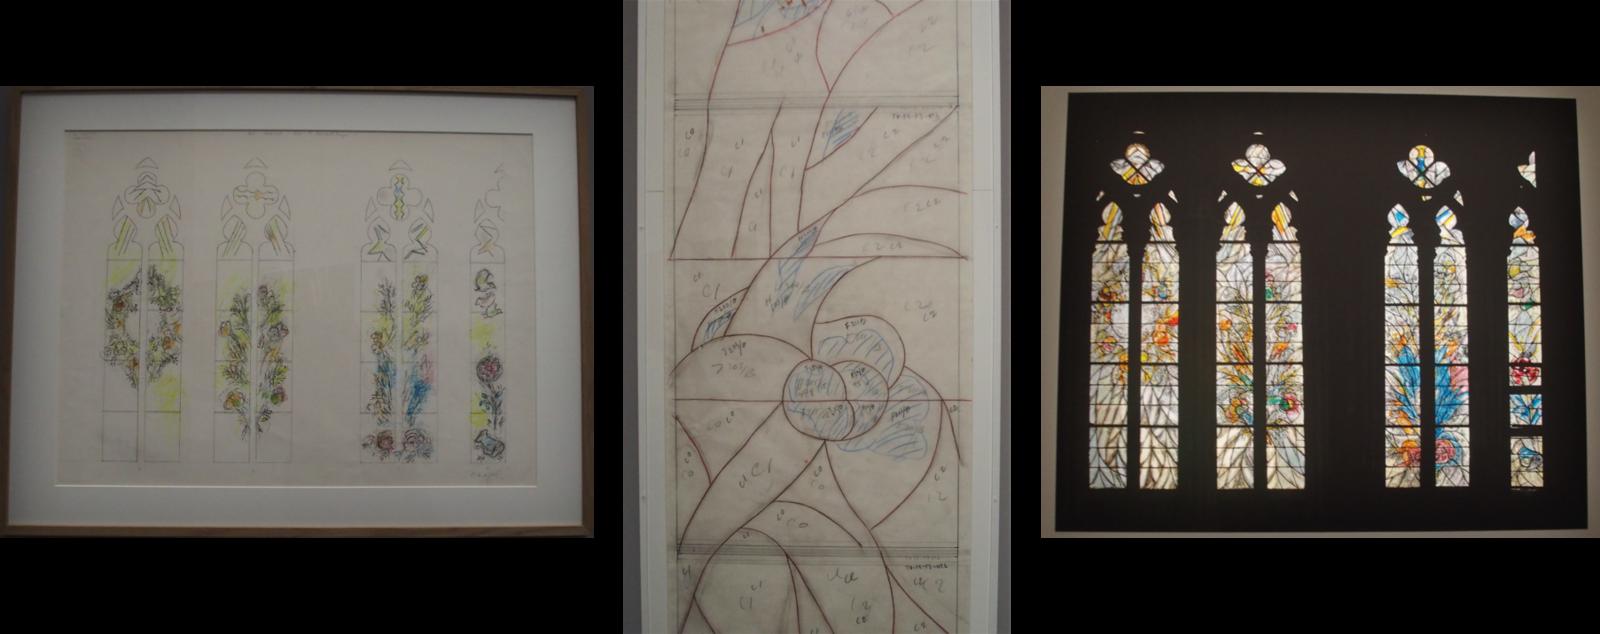 Cathédrale de Metz : bêtes, fleurs et oiseaux, couronnes de fleurs, maquette pour le vitrail oriental du triforium, 1967-68. Crayon noir, pastels, encre de chine sur papier.